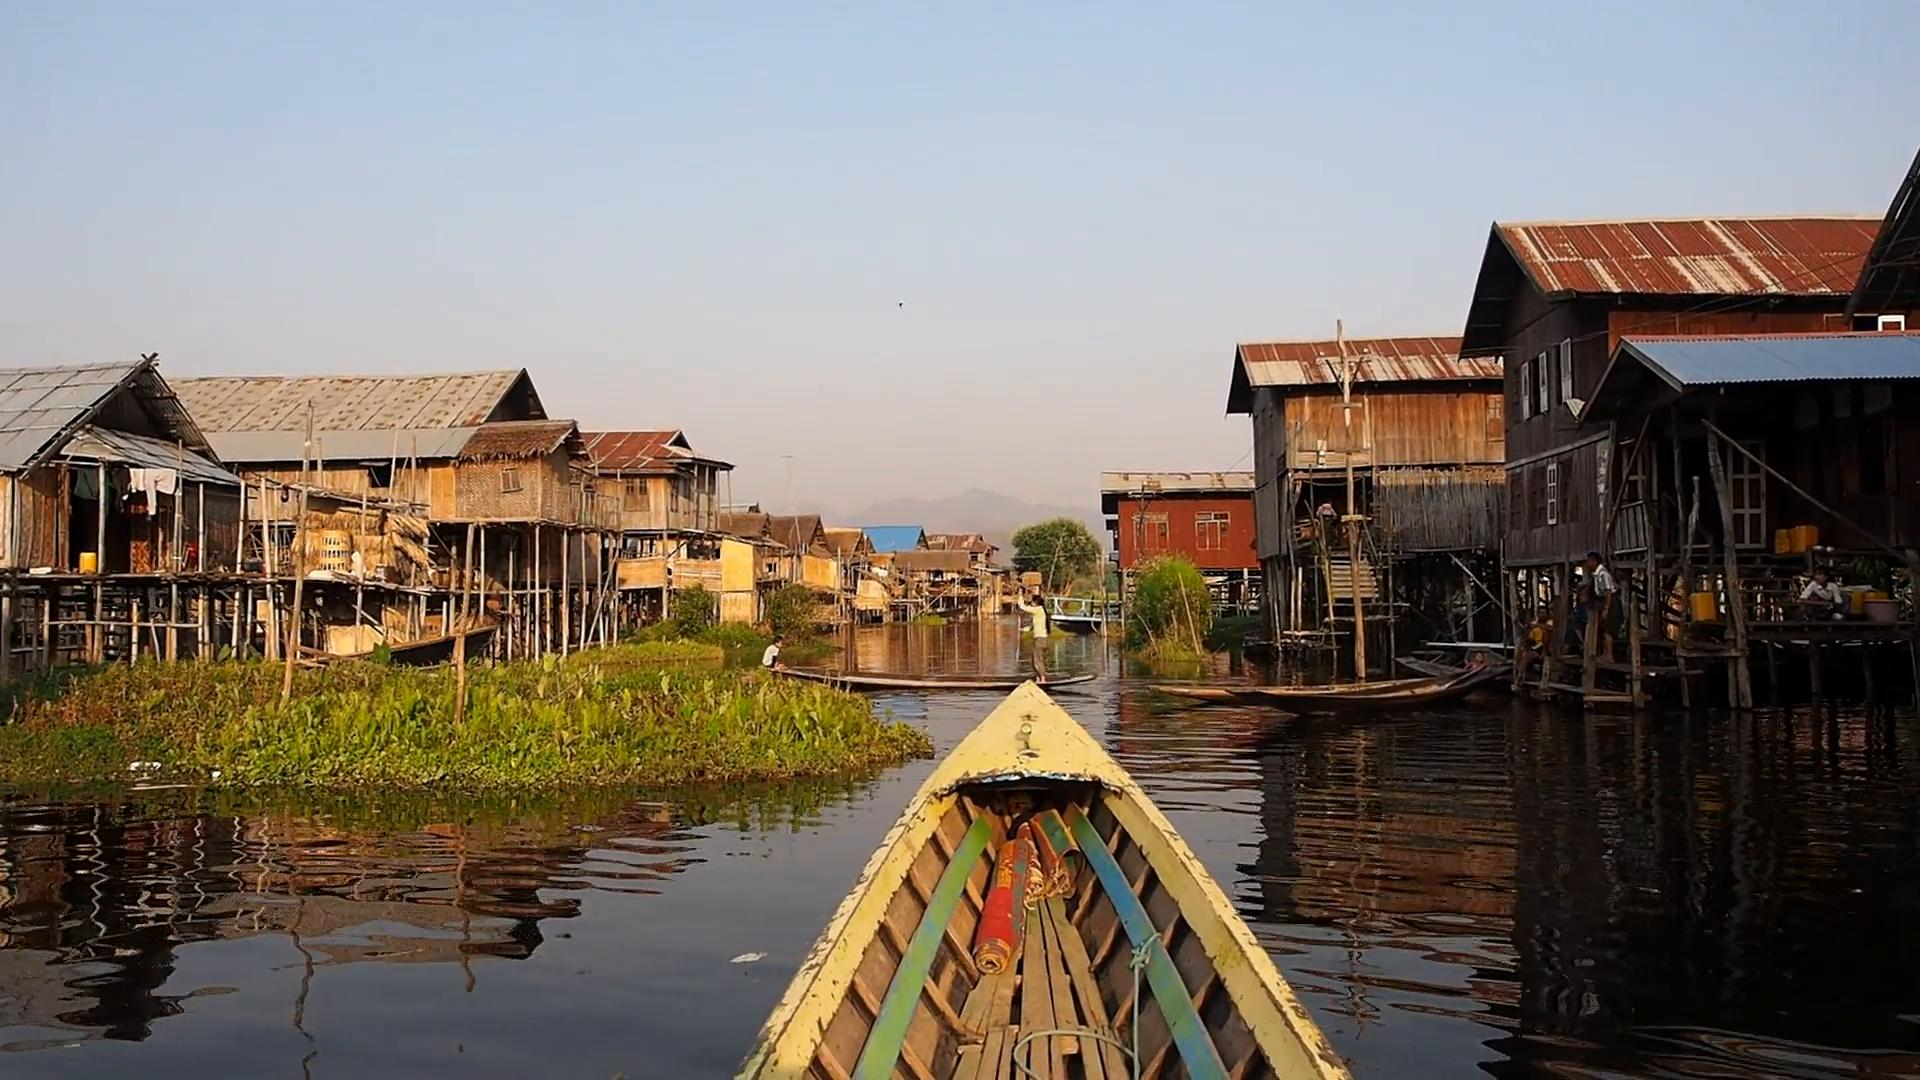 Inle Lake, Shan State, Myanmar